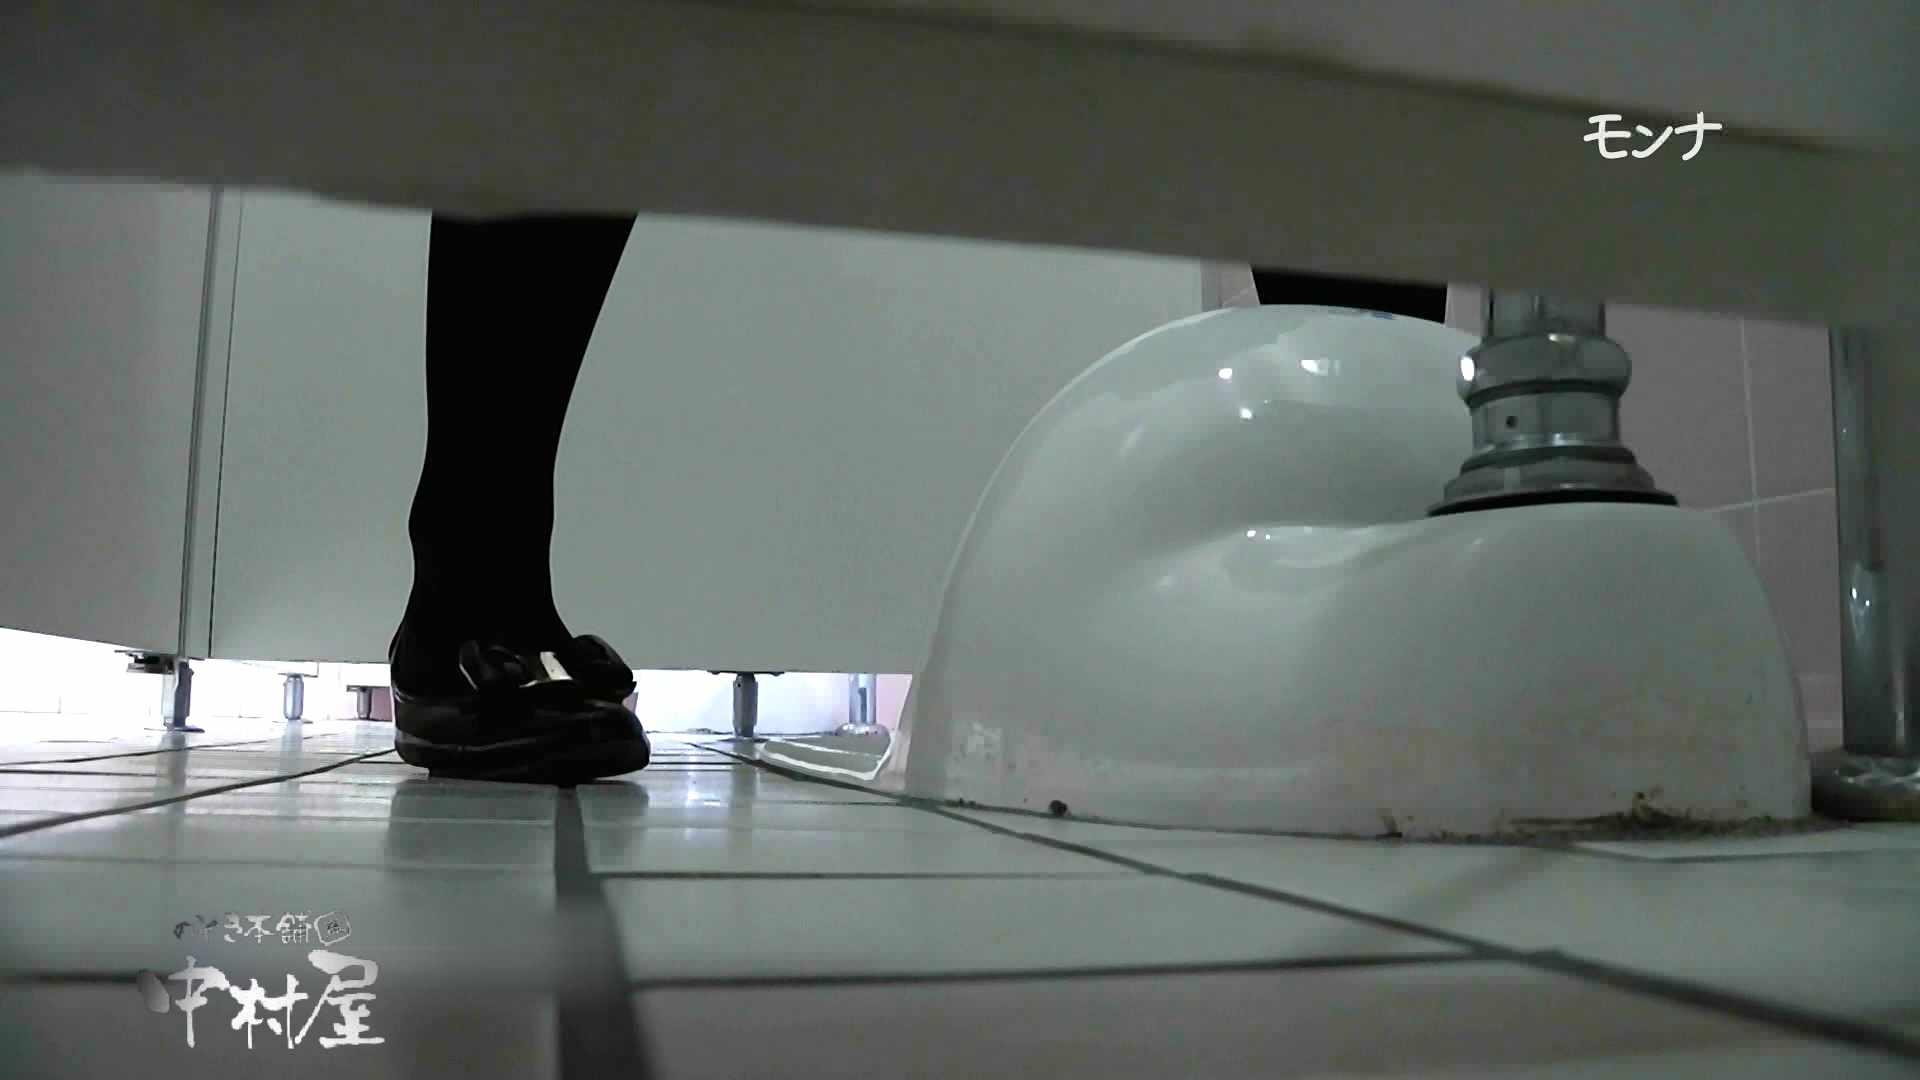 【美しい日本の未来】遂に!!戸田恵梨香似の予告モデル登場ダッシュで「大」後編 0  52連発 22